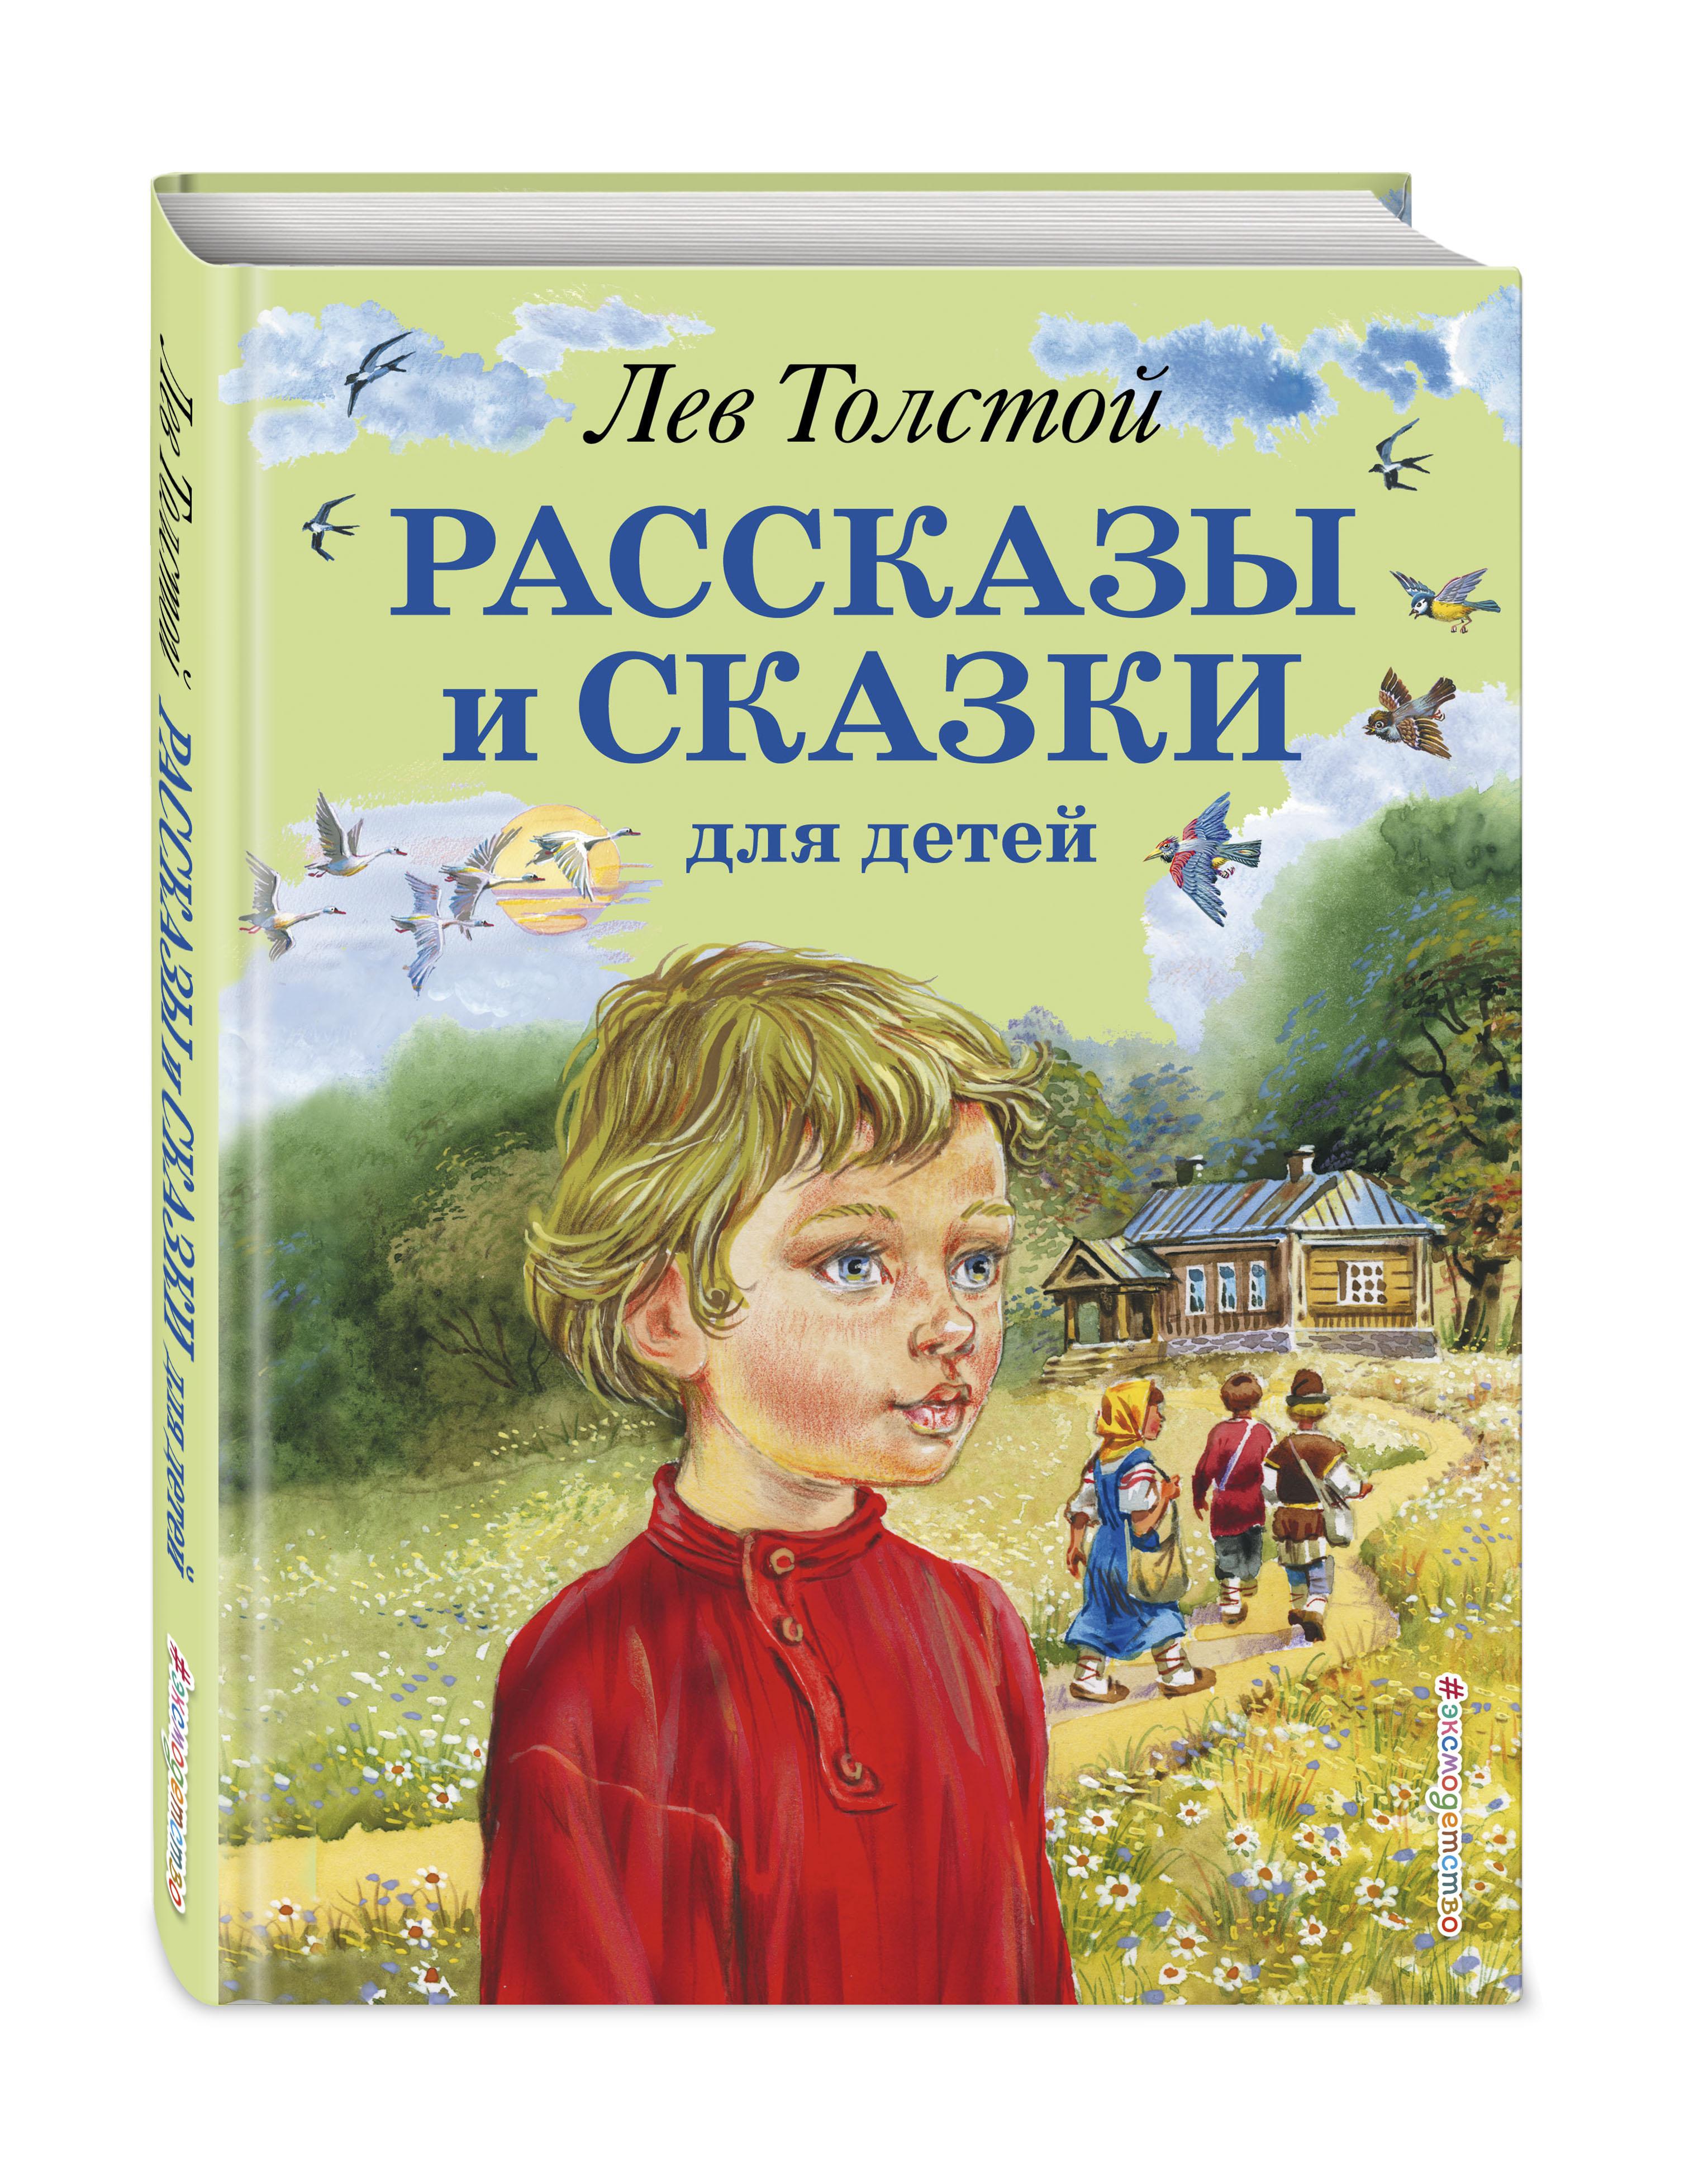 Толстой Л.Н. Рассказы и сказки для детей (ил. В. Канивца) владимир набоков полное собрание рассказов